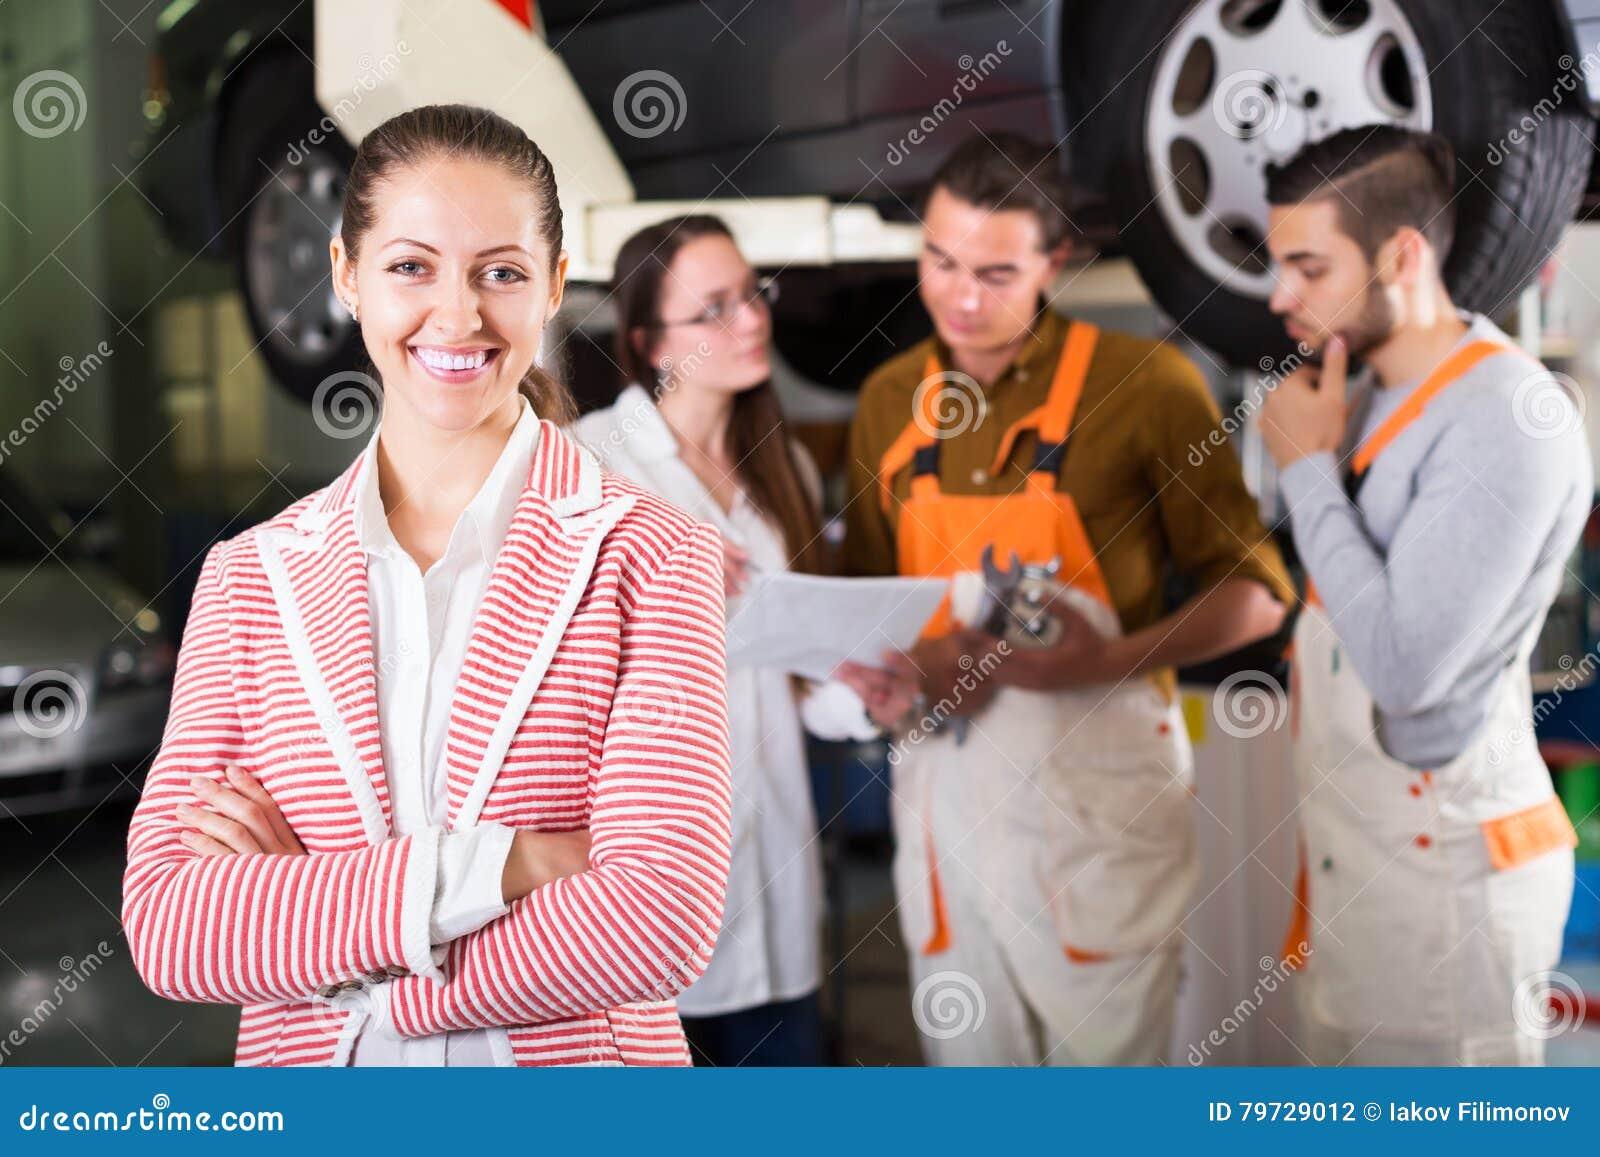 Cliente satisfecho con la renovación de los mecánicos